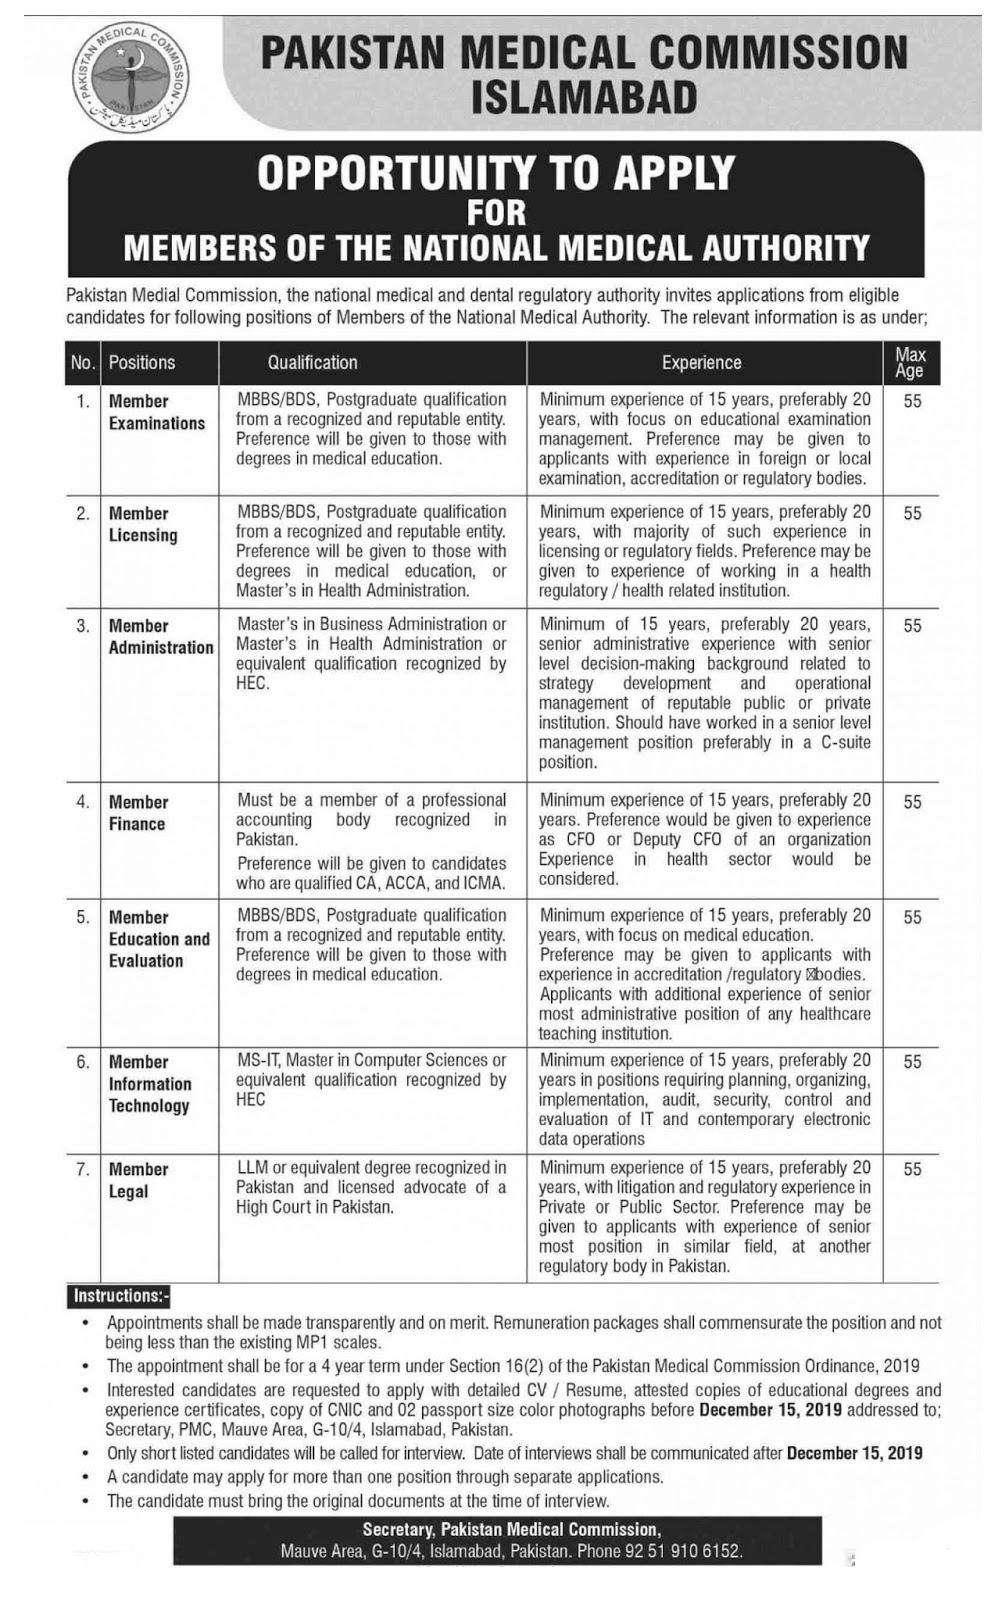 Jobs In PMC Govt Of Pakistan